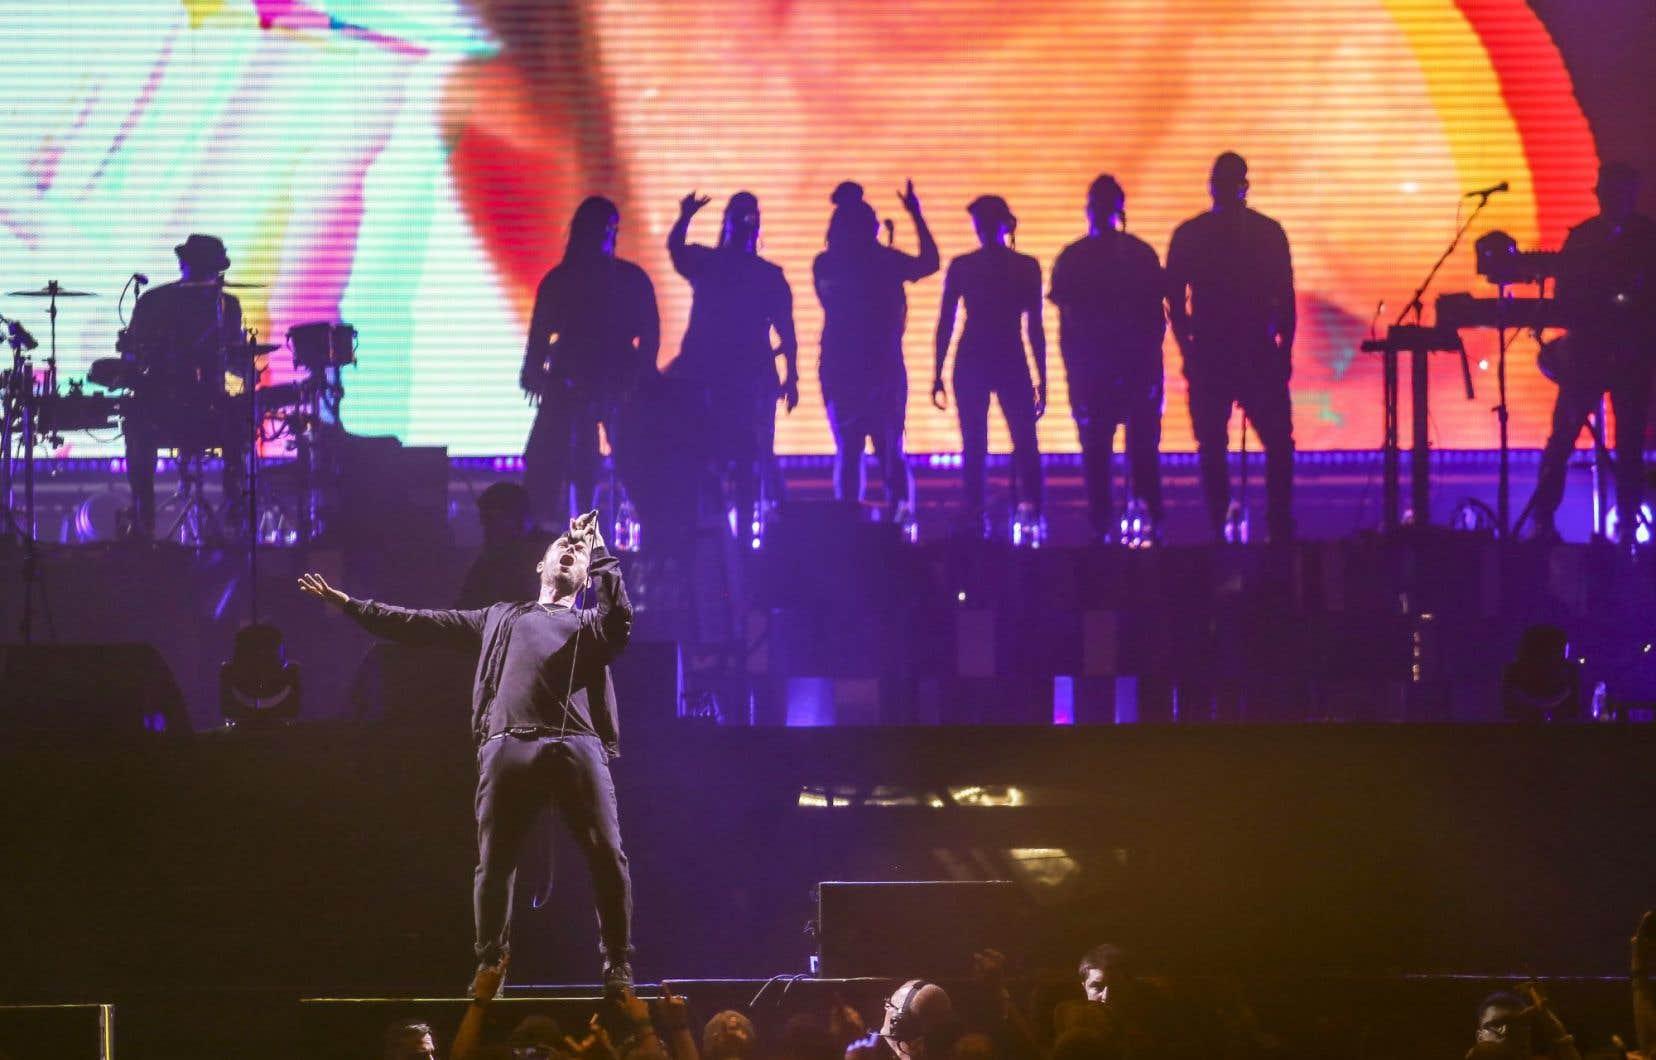 Pendant «Strobelite», le chanteur Peven Everett a quitté momentanément le choeur gospel pour capter l'attention du public.